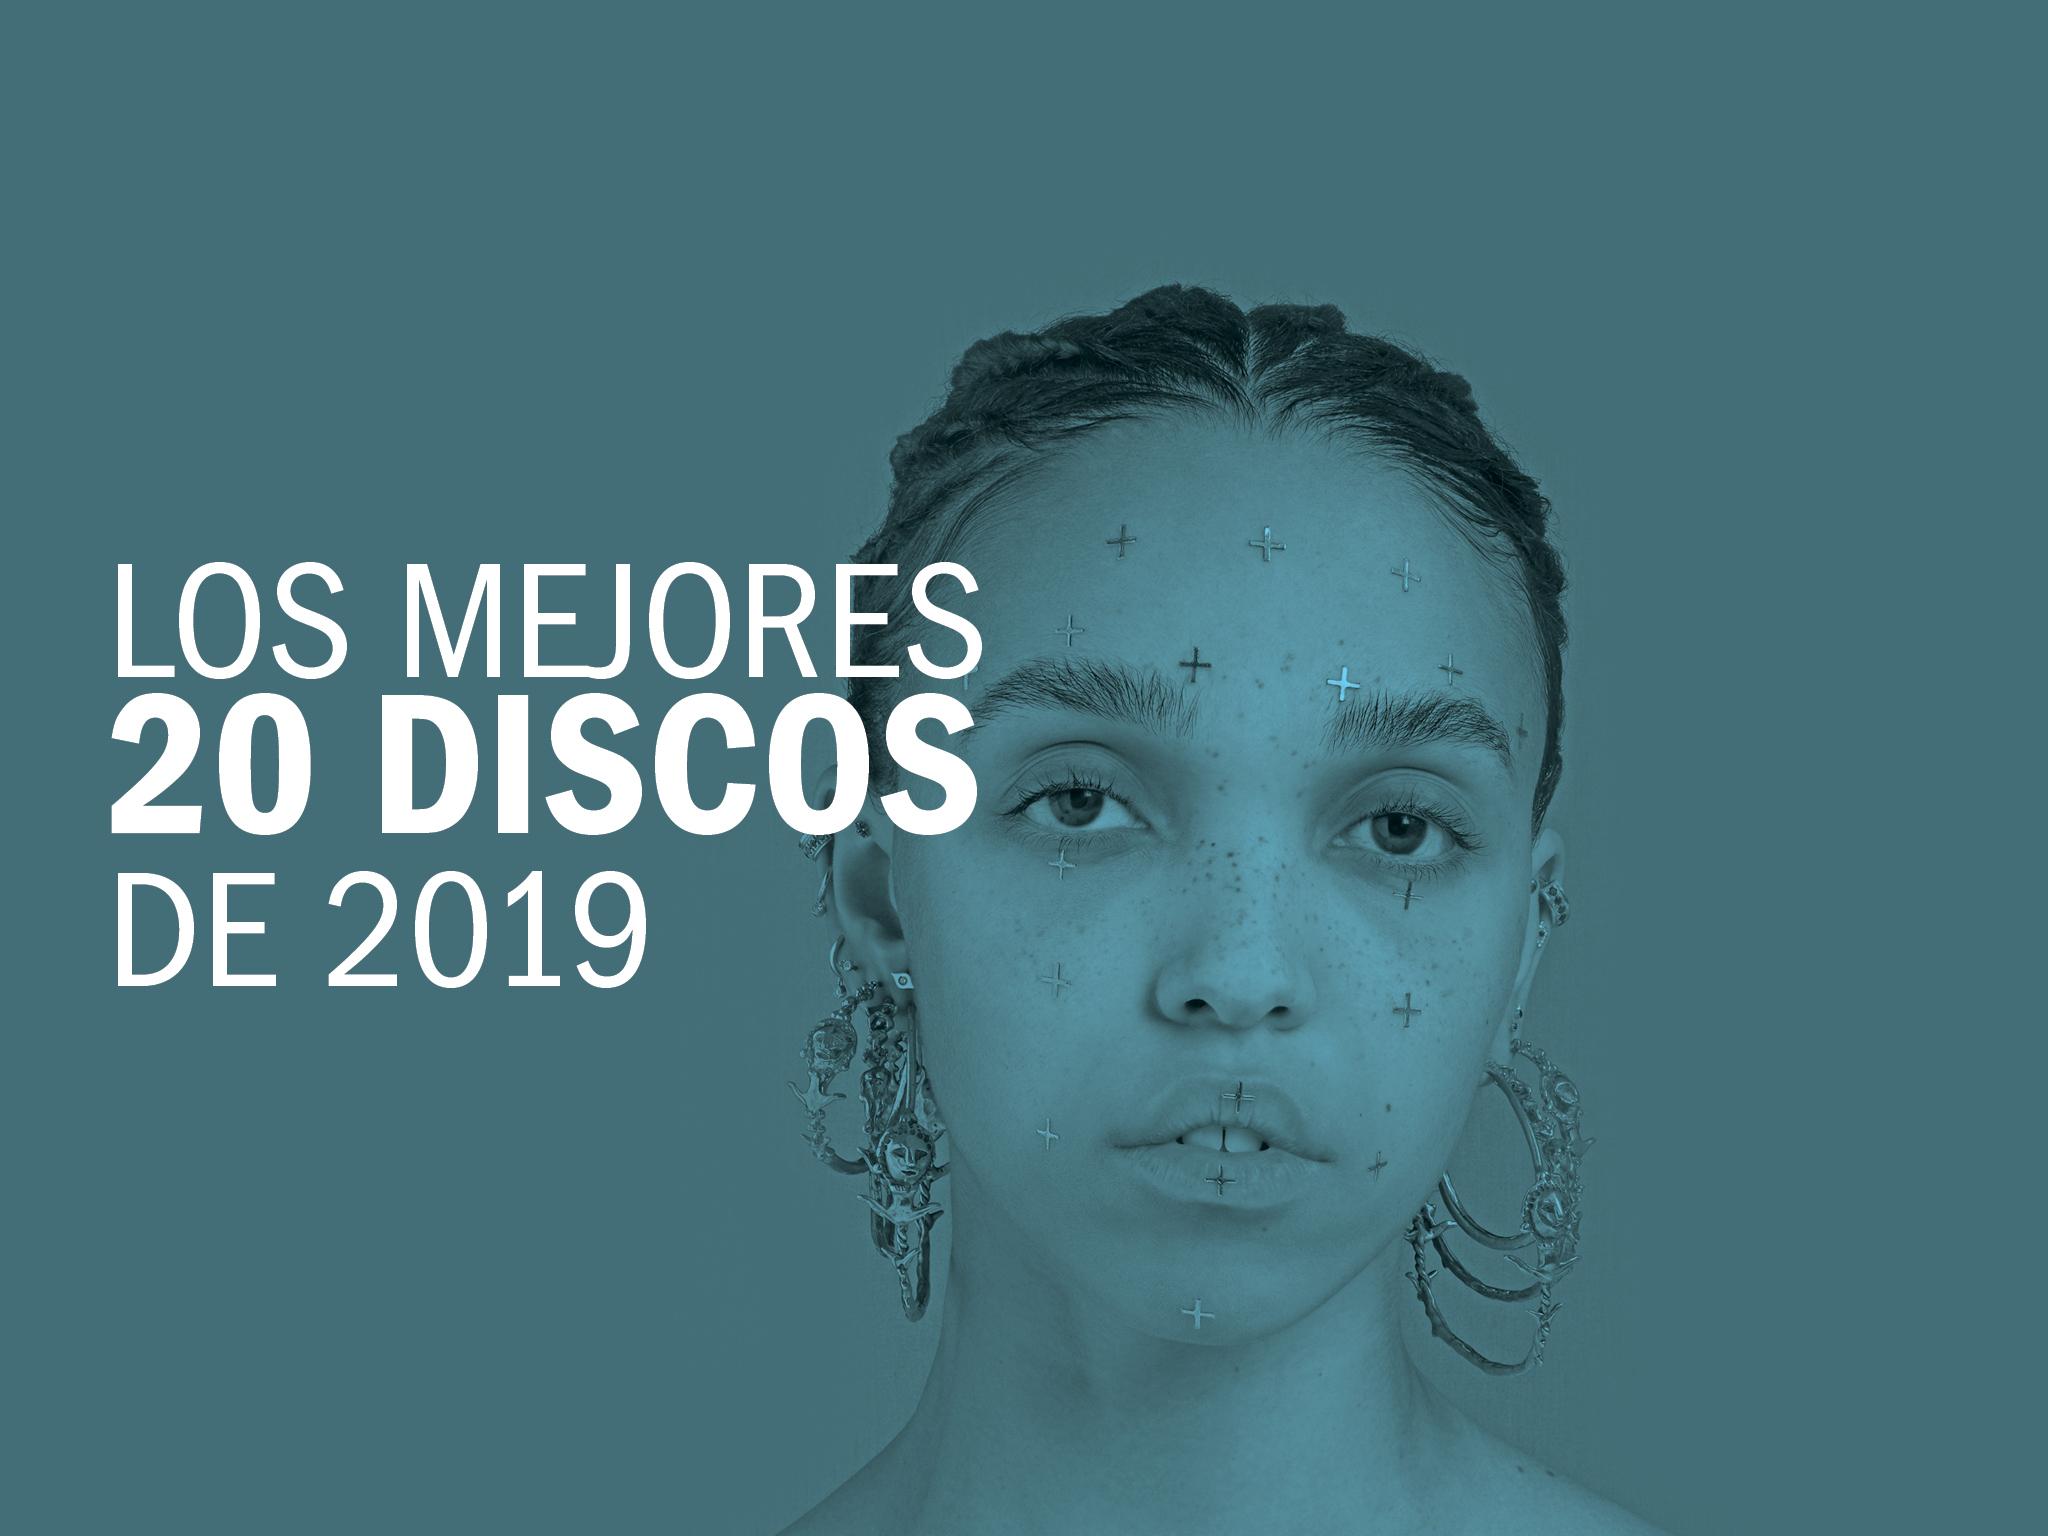 Los 20 mejores discos de 2019